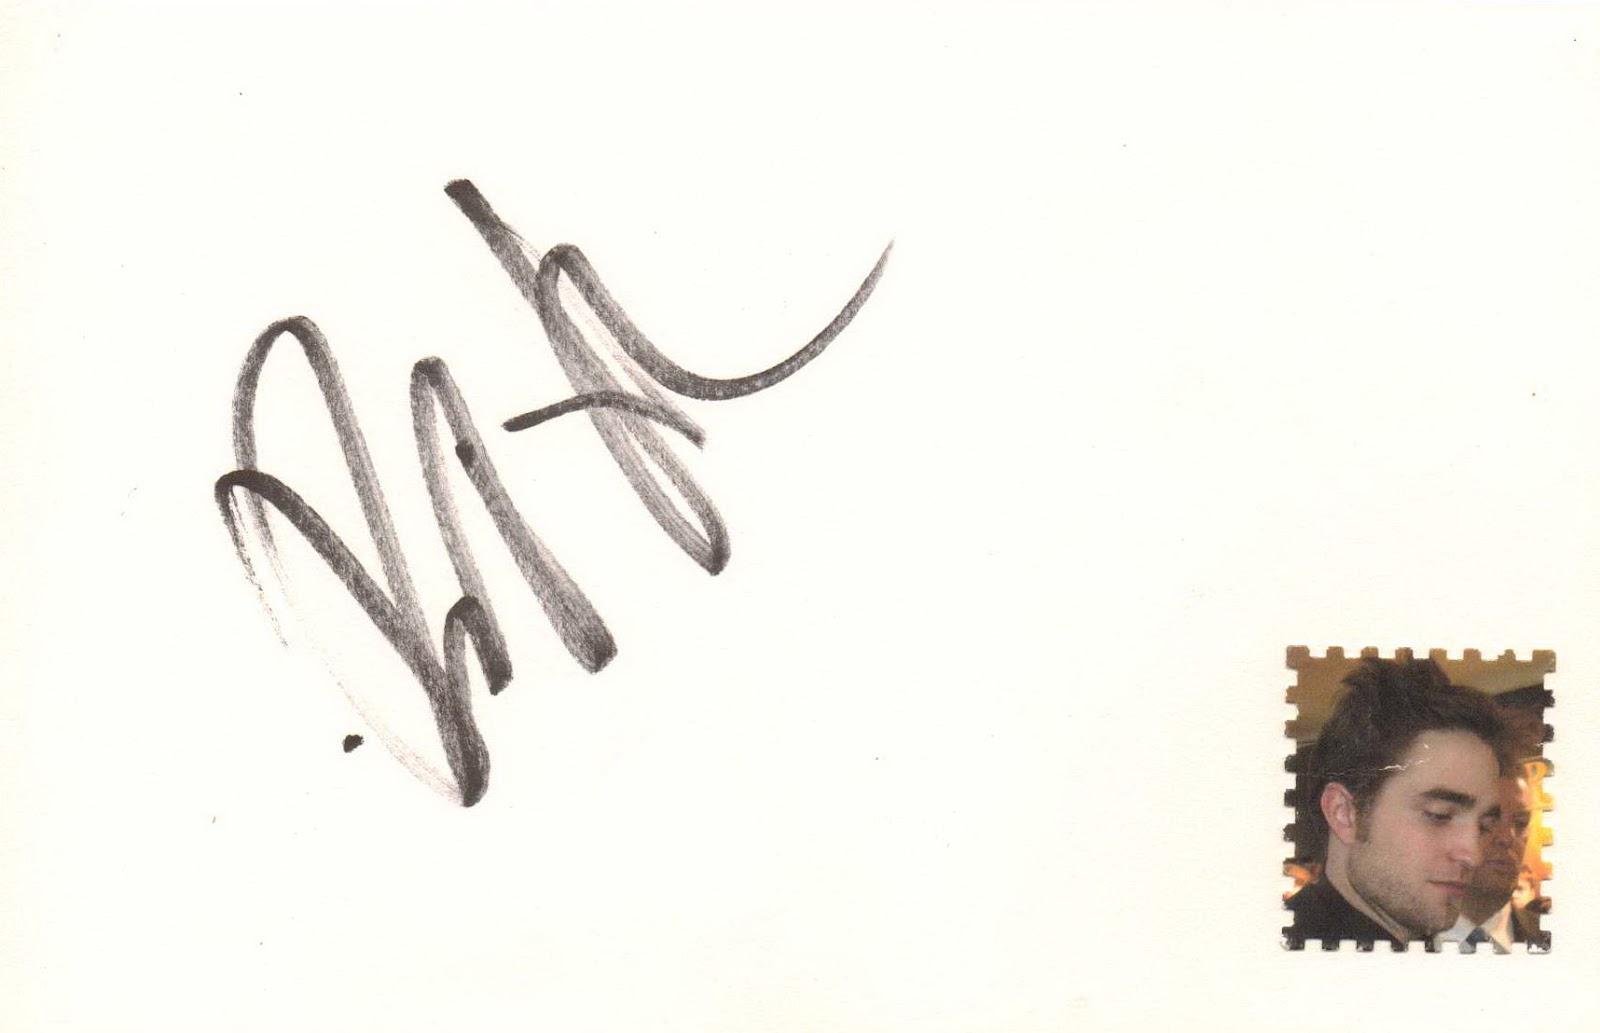 http://1.bp.blogspot.com/-NPd4Bi5TJN0/UErg4EU-X_I/AAAAAAAAAbk/OMNj-TjBtuw/s1600/Robert+Pattinson.jpg